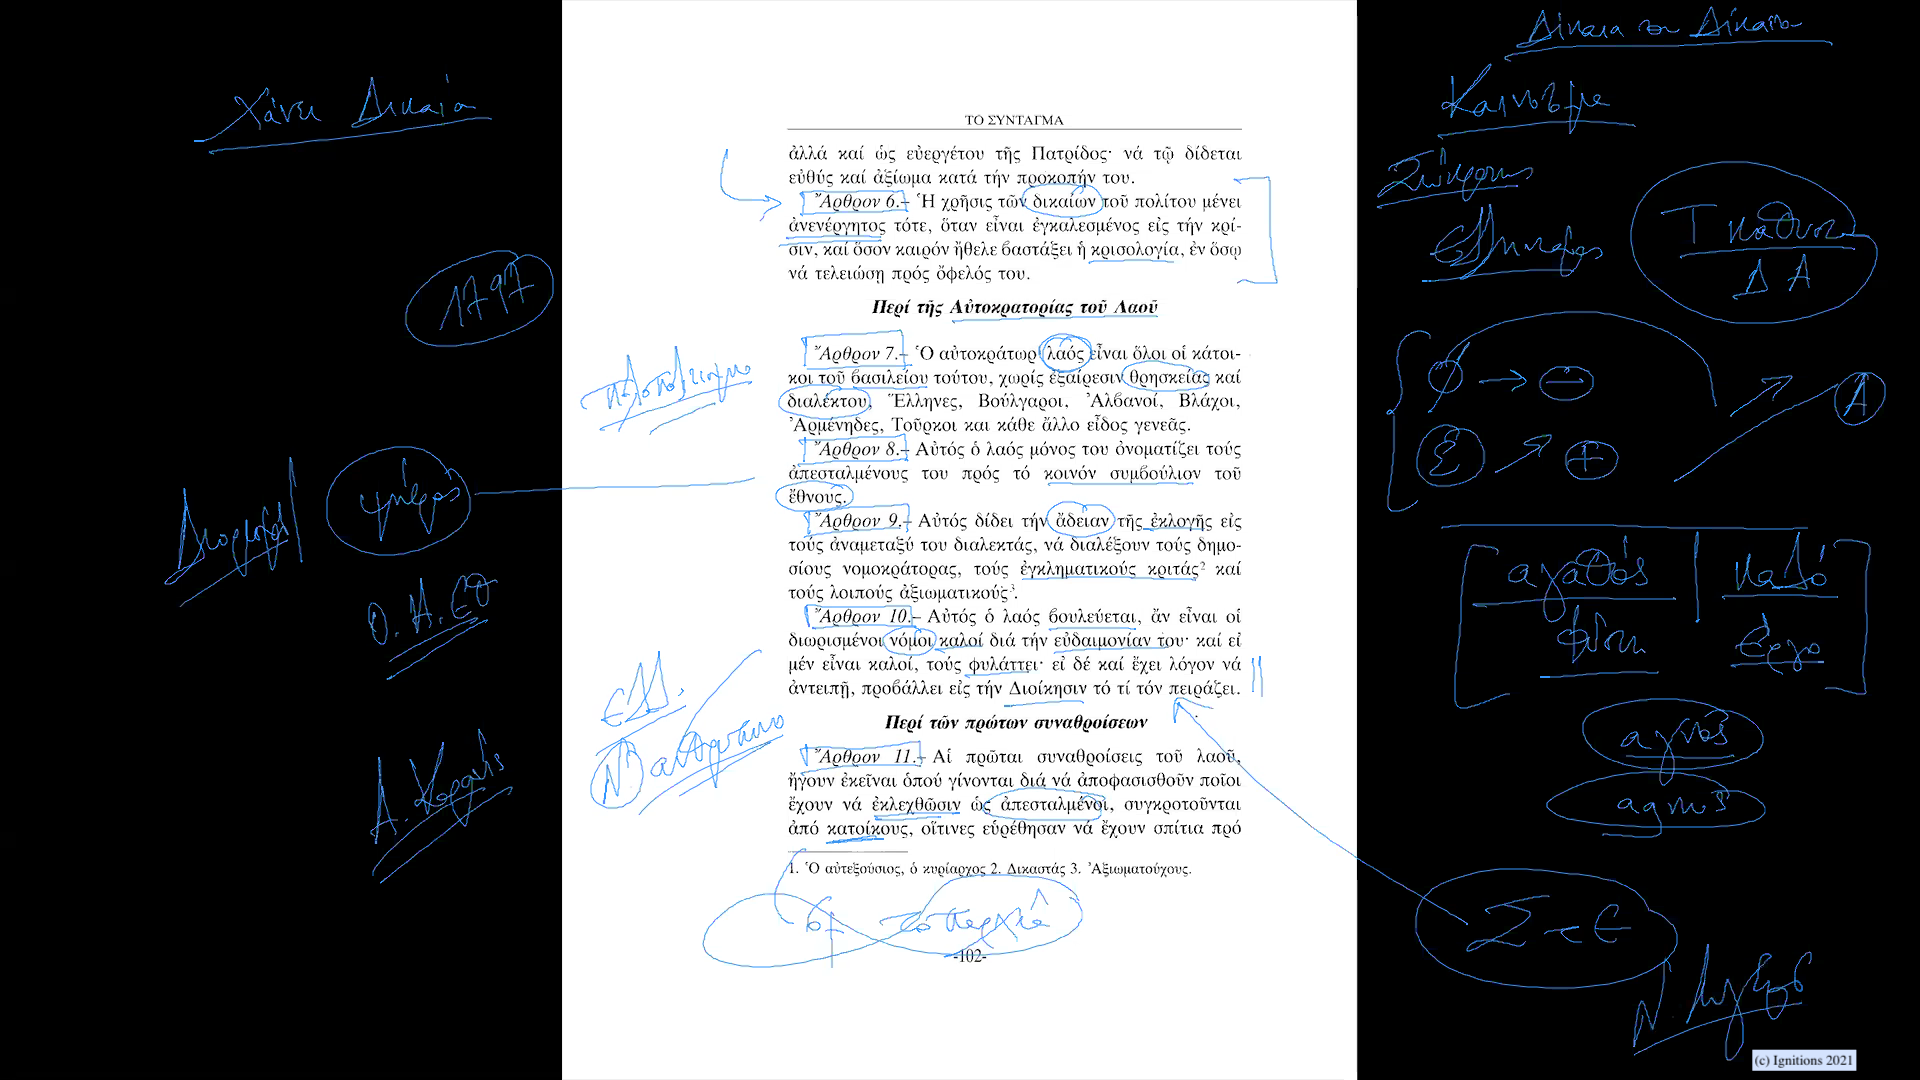 59270 - IΙ - Το επαναστατικό σύνταγμα του Ρήγα Φεραίου. Επανάσταση VII. (Dessin)